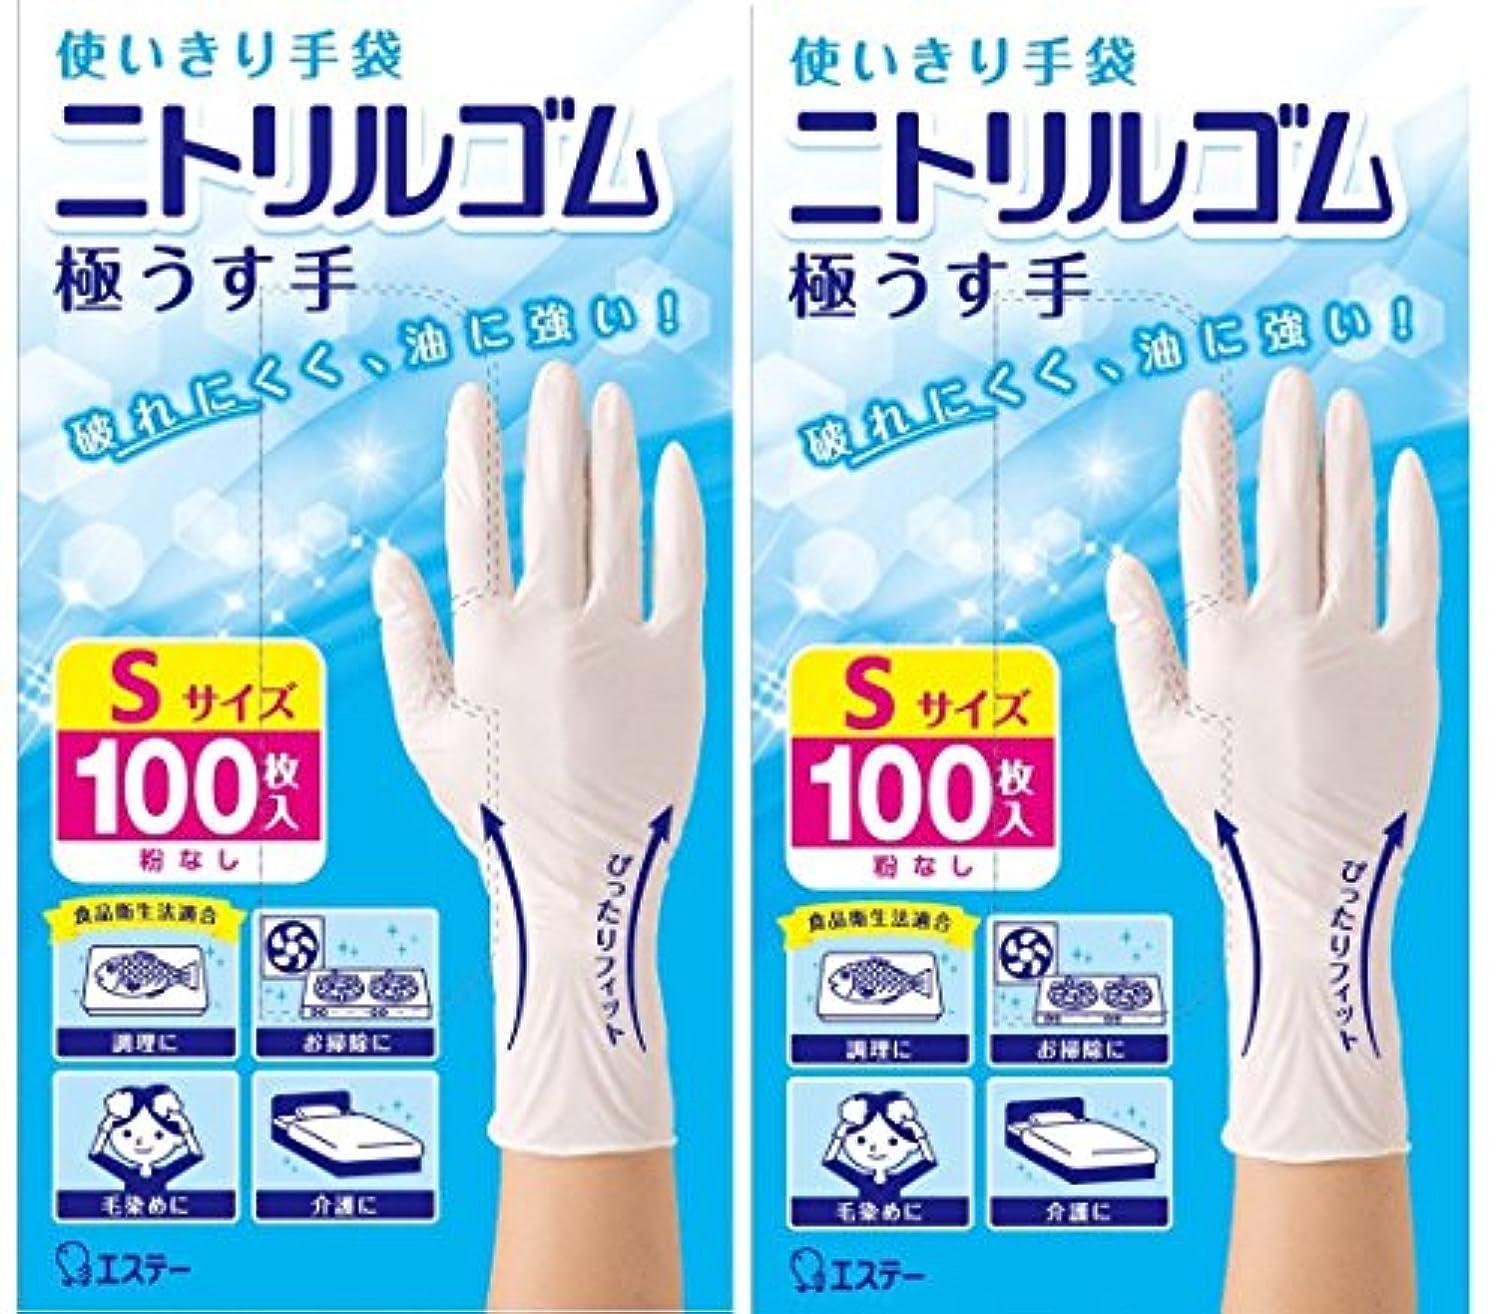 公爵夫人寺院分【お徳用 2 セット】 使いきり手袋 ニトリルゴム 極うす手 ホワイト 粉なし Sサイズ 100枚入×2セット